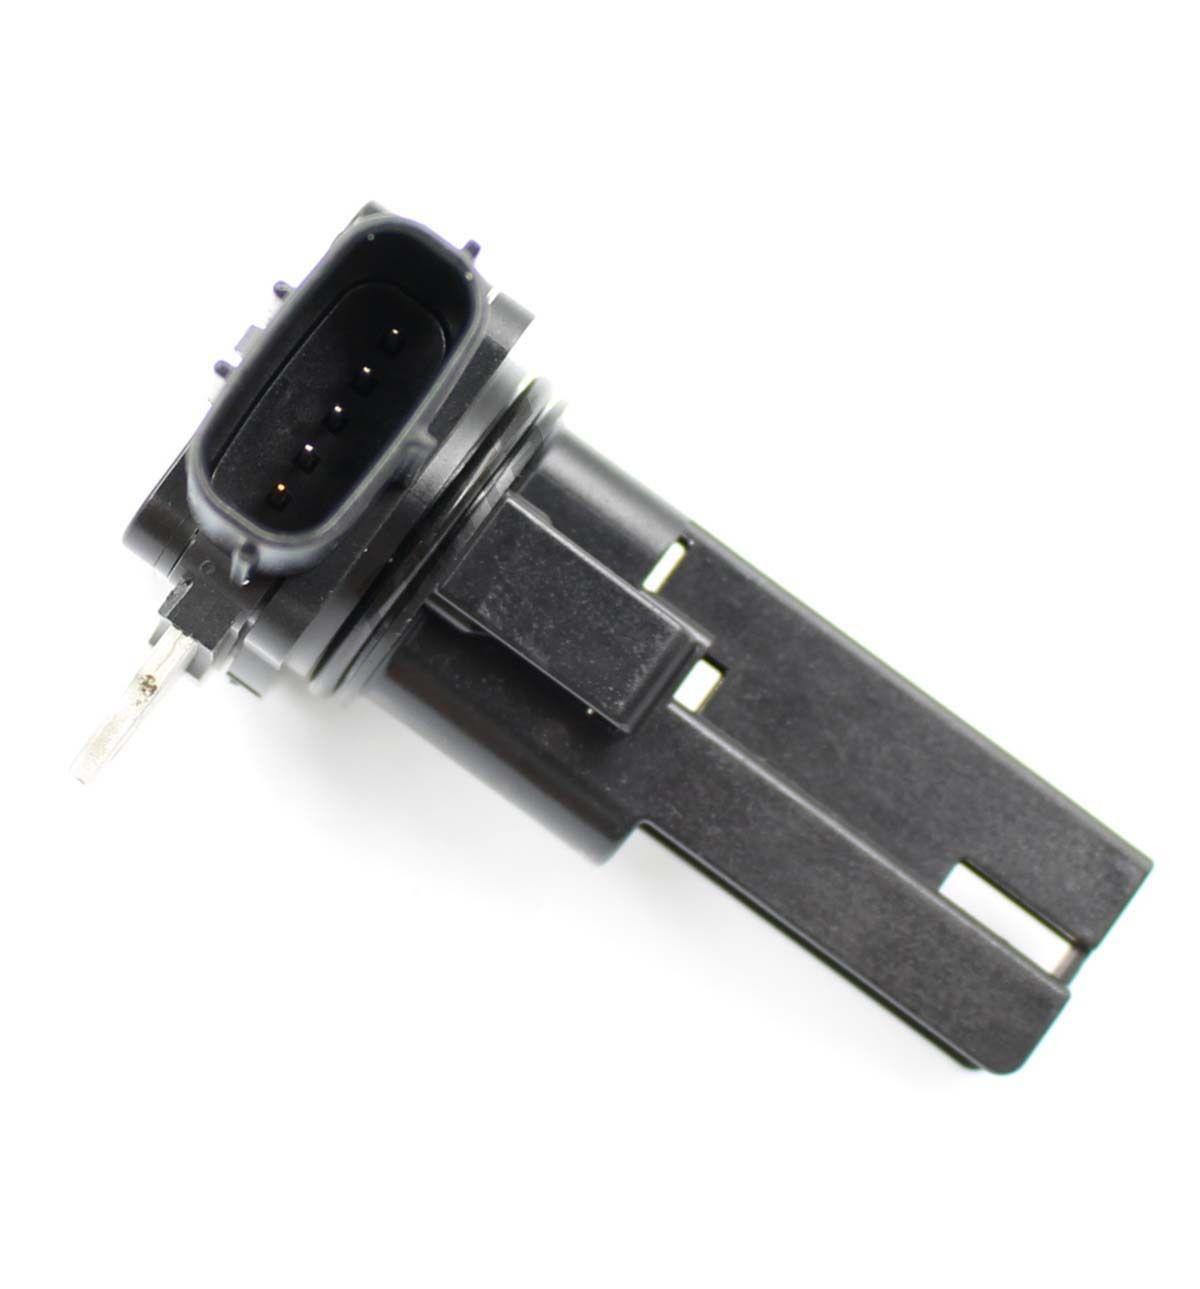 Genuine OEM FOR TOYOTA MASS AIR FLOW SENSOR MAF 22204-31020 Denso 197-6110